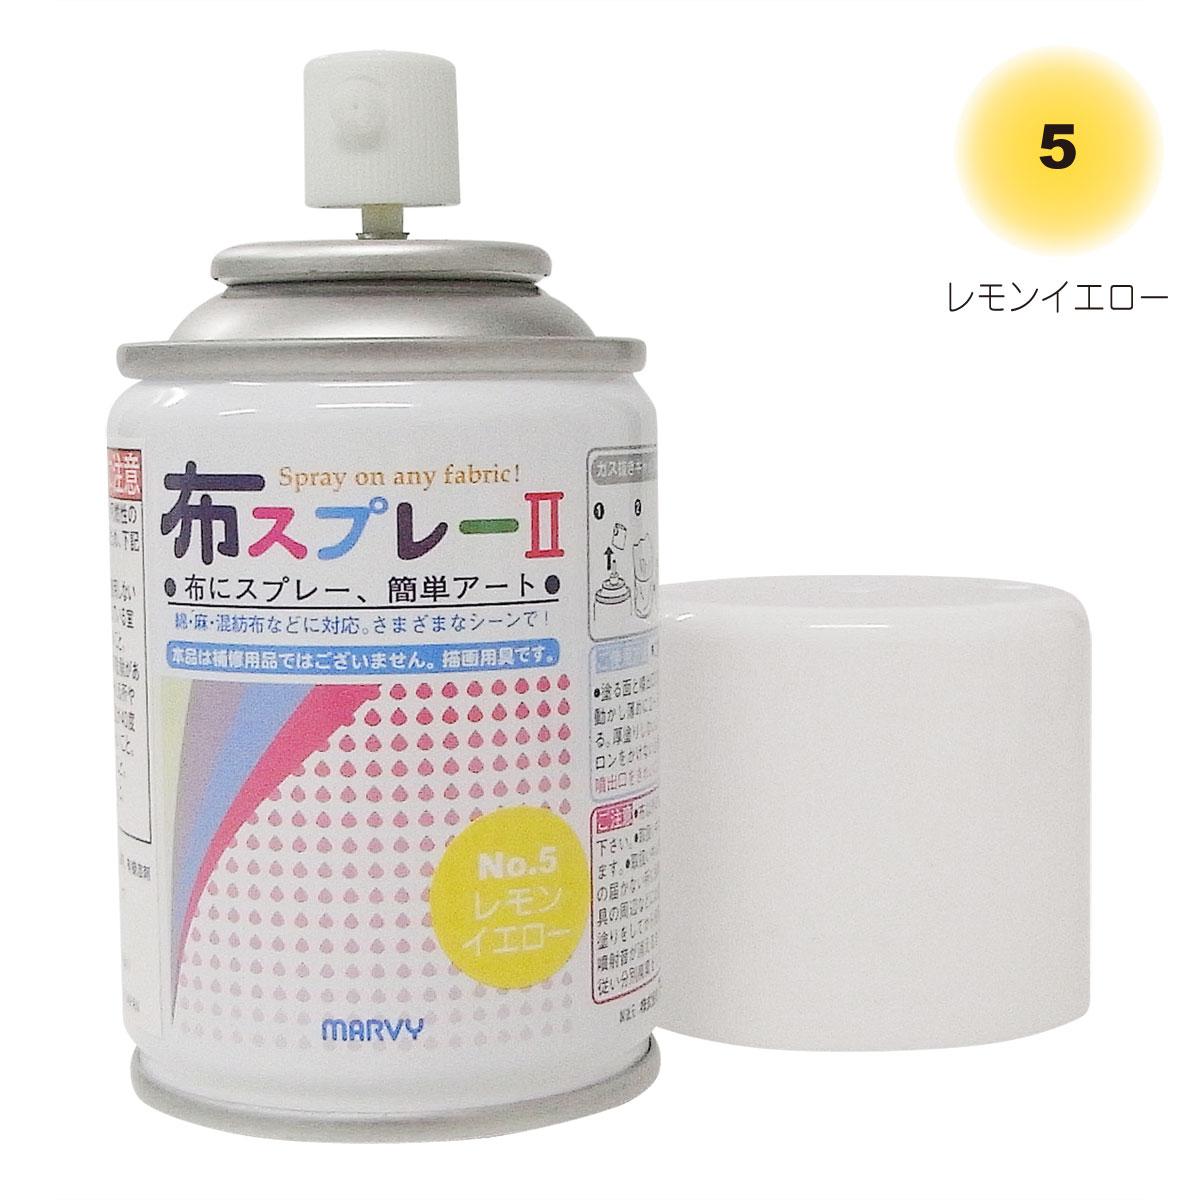 布スプレーII レモンイエロー(5) 不透明色画像